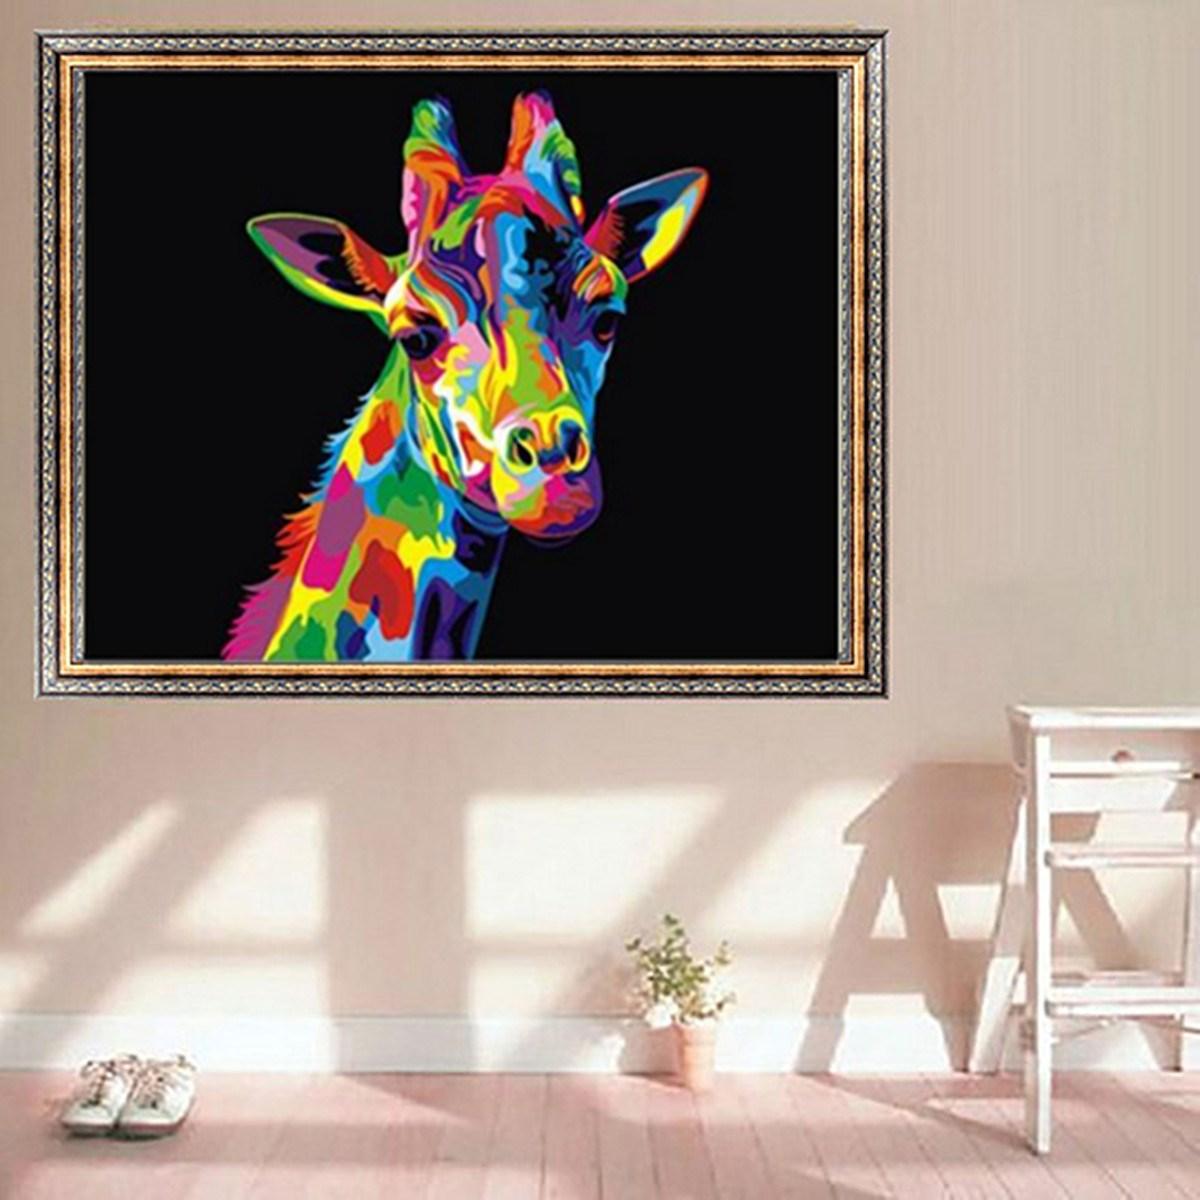 Giraffe print wall stickers sticker creations online get giraffe print wall decals aliexpress com amipublicfo Gallery